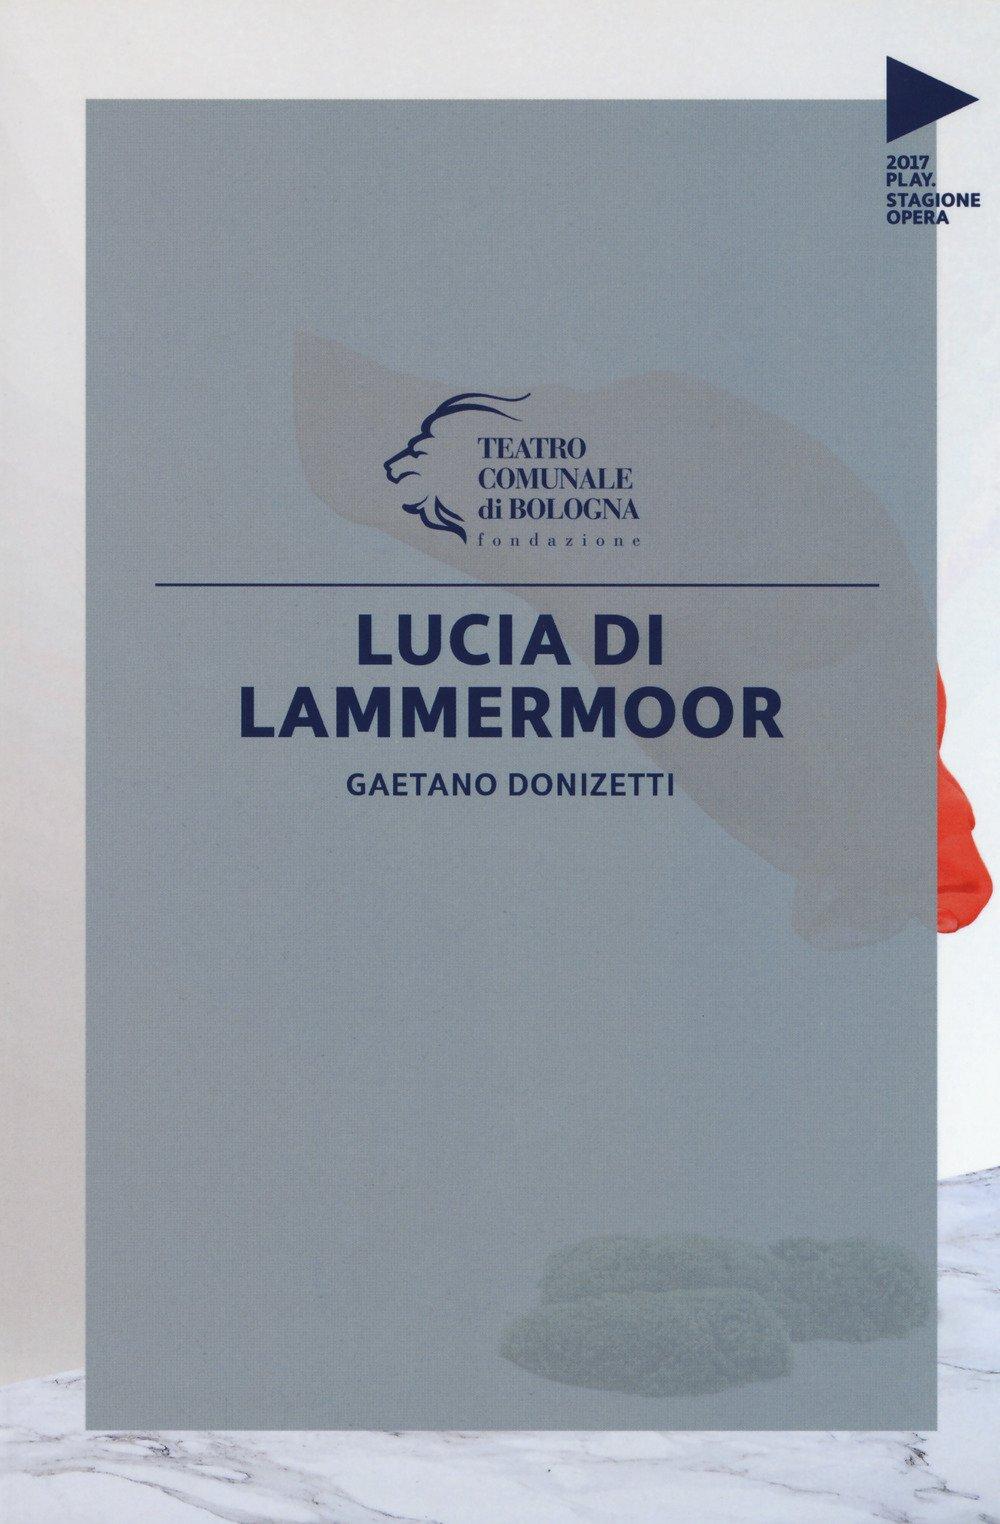 Gaetano Donizetti. Lucia di Lammermoor